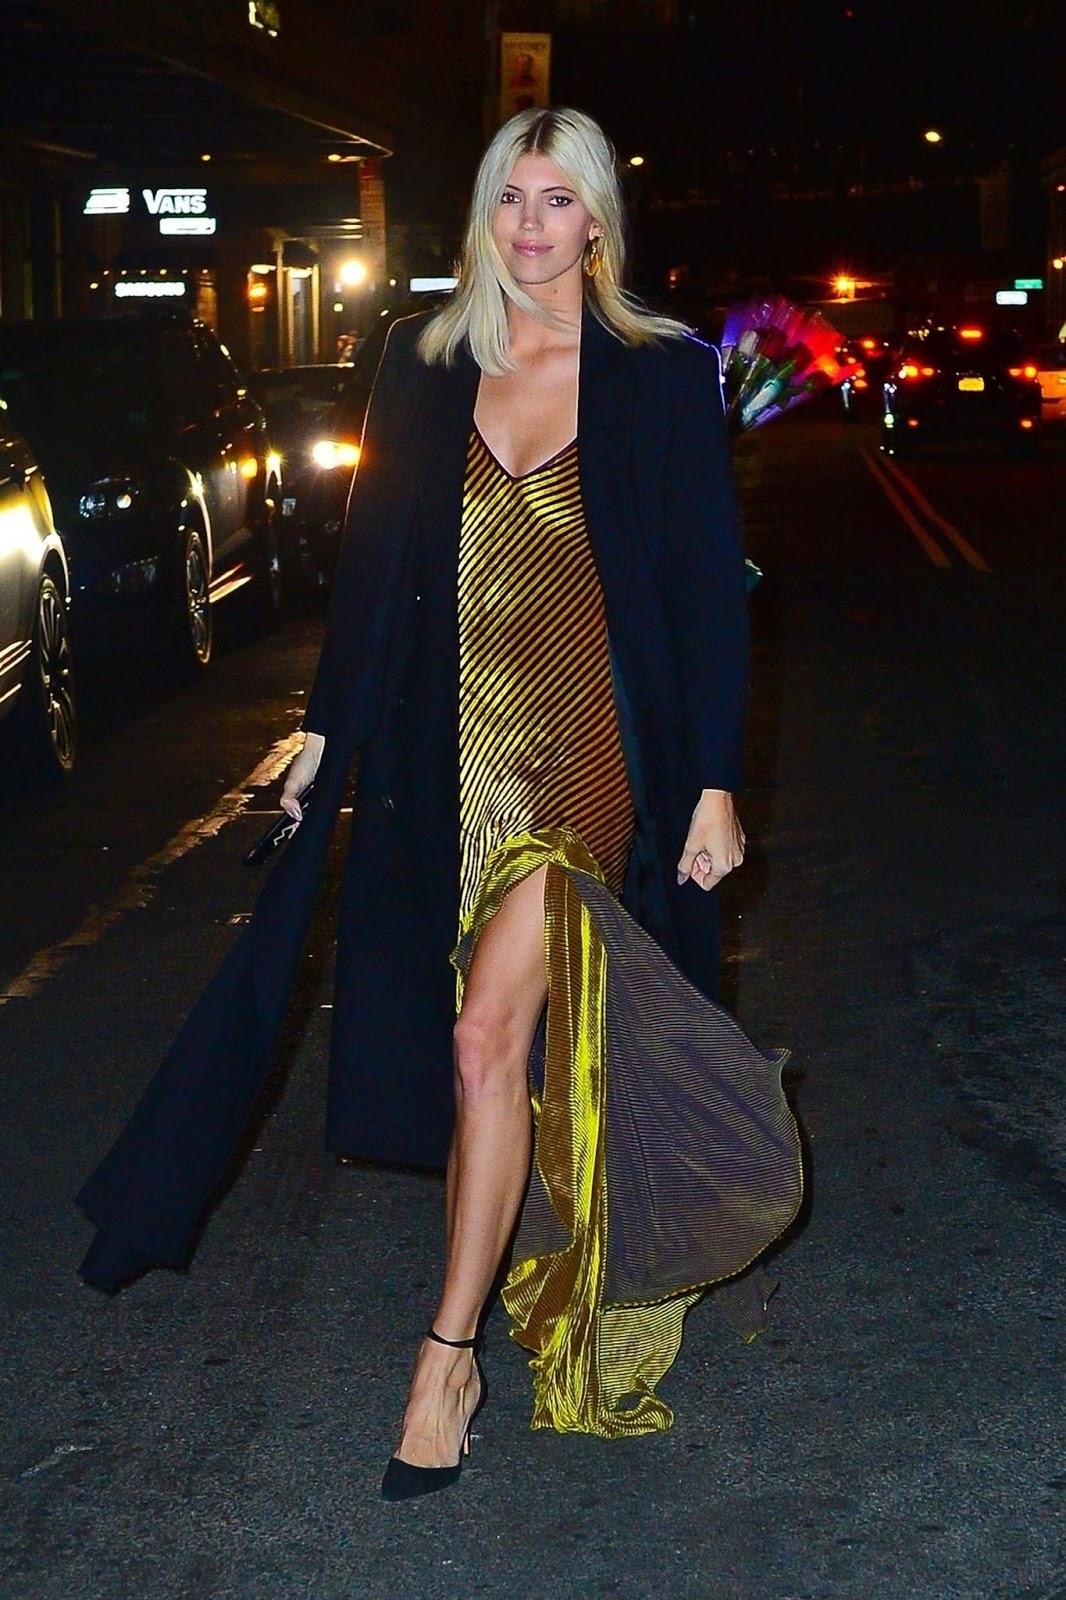 Devon Windsor - Diane Von Furstenberg throws fashion party during NYFW in NYC - 02/10/2019